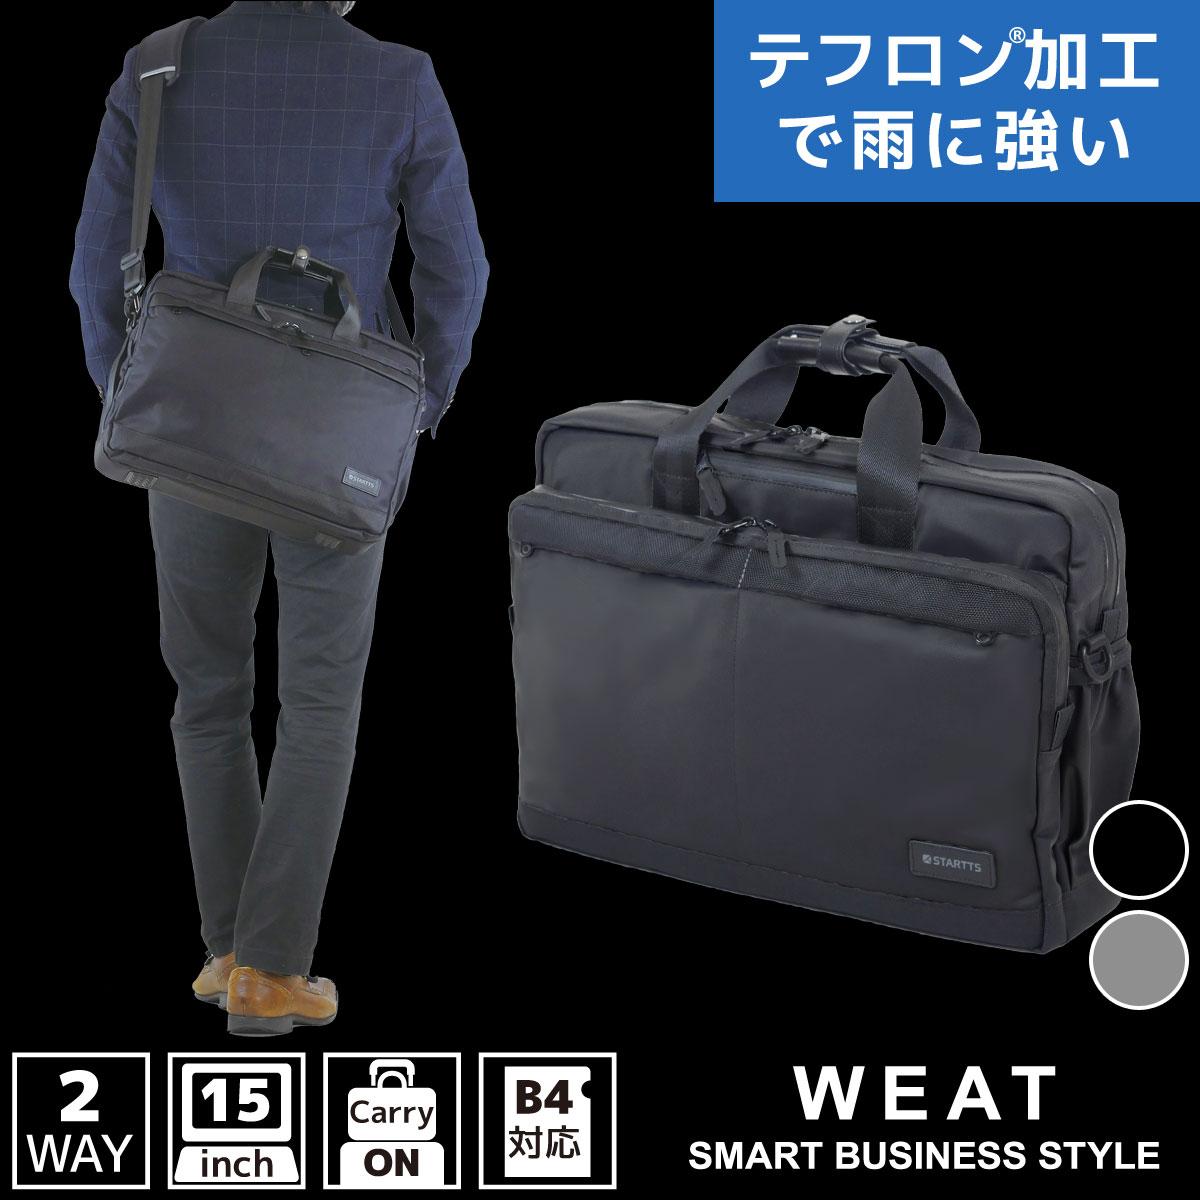 2WAY ビジネスバッグ ビジカジ止水2WAY横キャリーオン スーツケースにセット WEAT WE-23 ブリーフケース